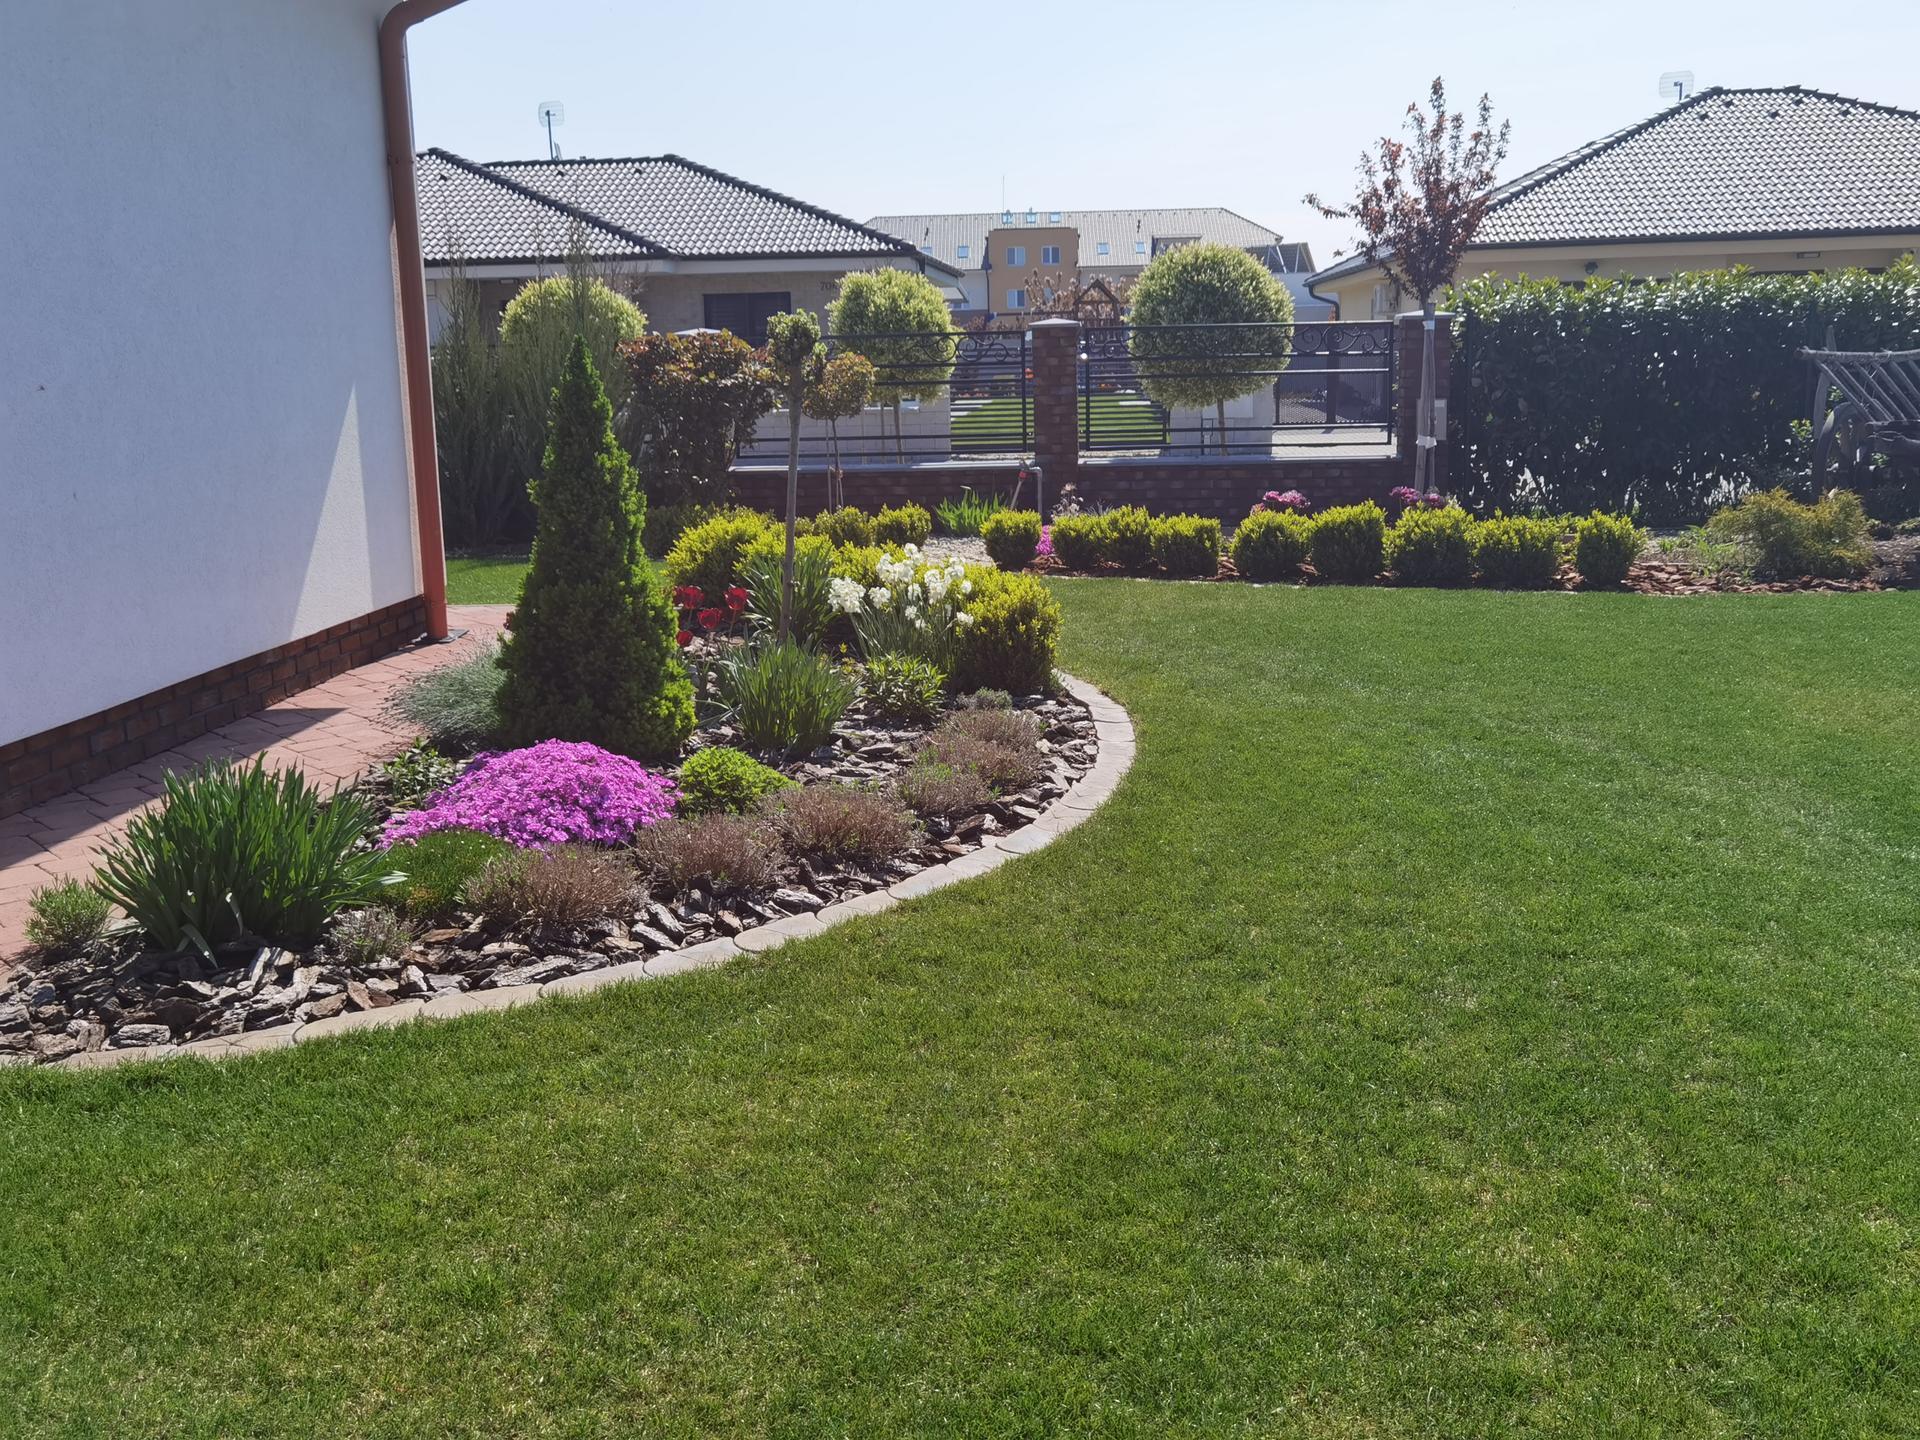 Záhrada 2021 - Obrázok č. 3